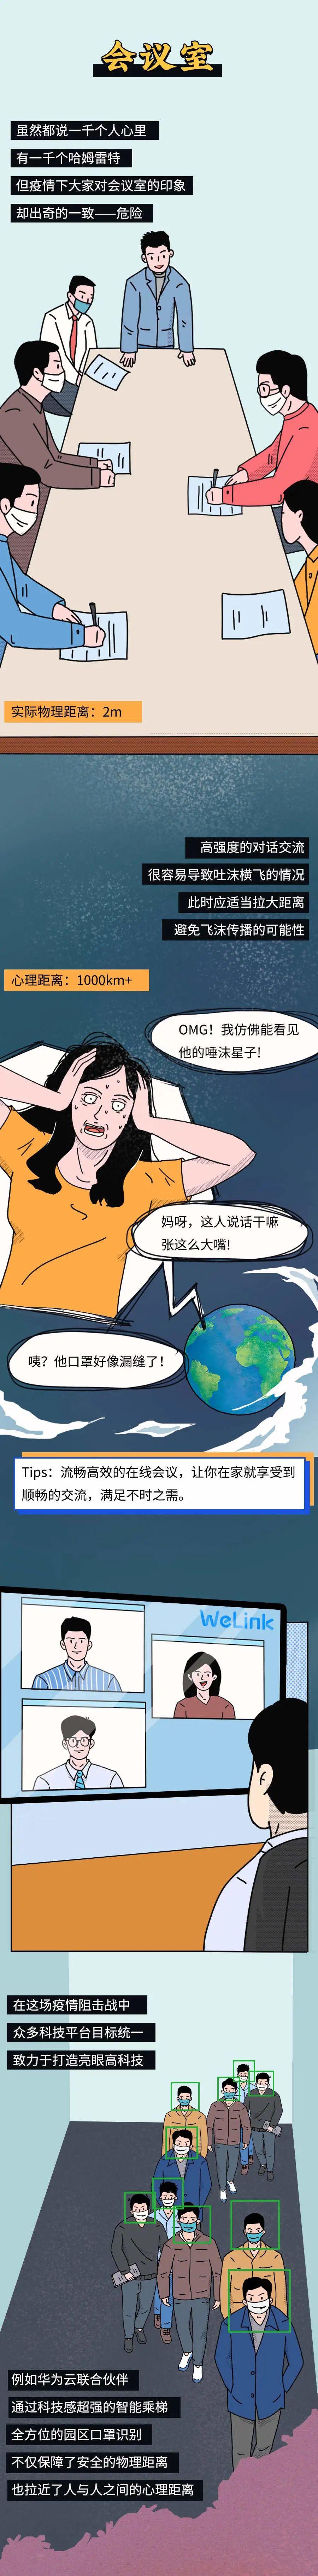 恒峰ag首頁